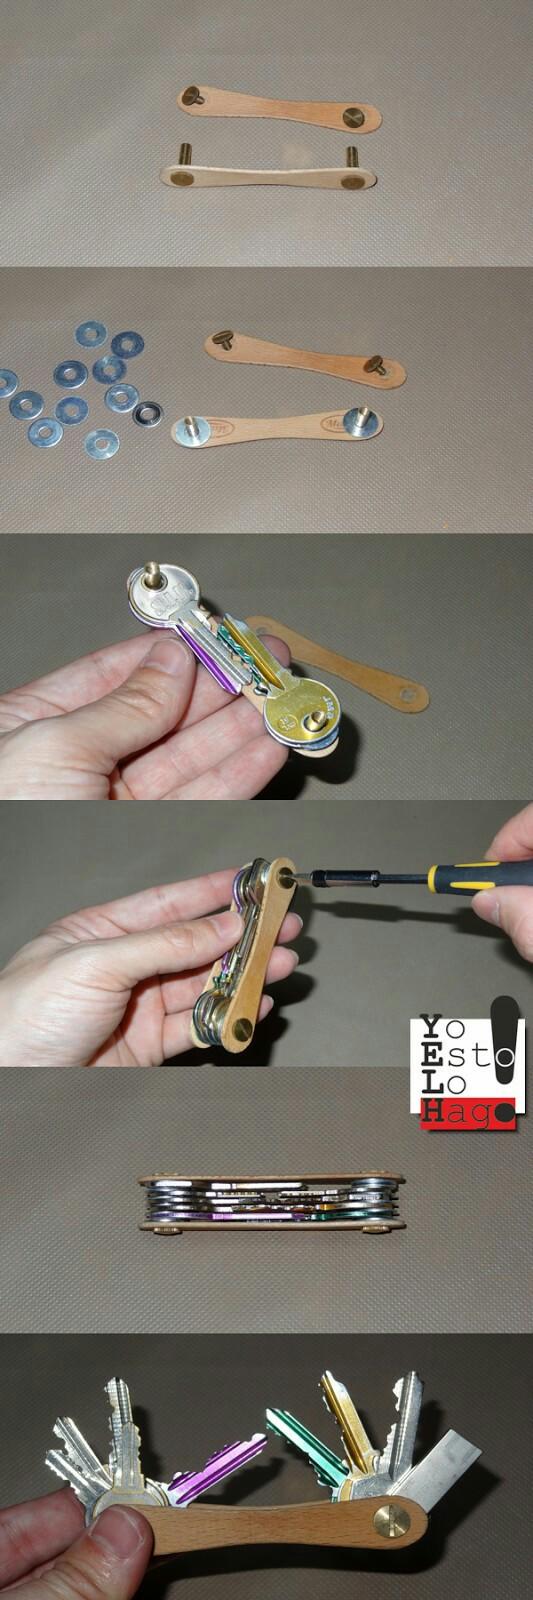 Fabriquer un porte-clés façon couteau suisse. ♠ Sympa l'idée ♠ http://www.yoestolohago.com/2015/11/como-hacer-un-llavero-tipo-navaja-suiza.html?m=1